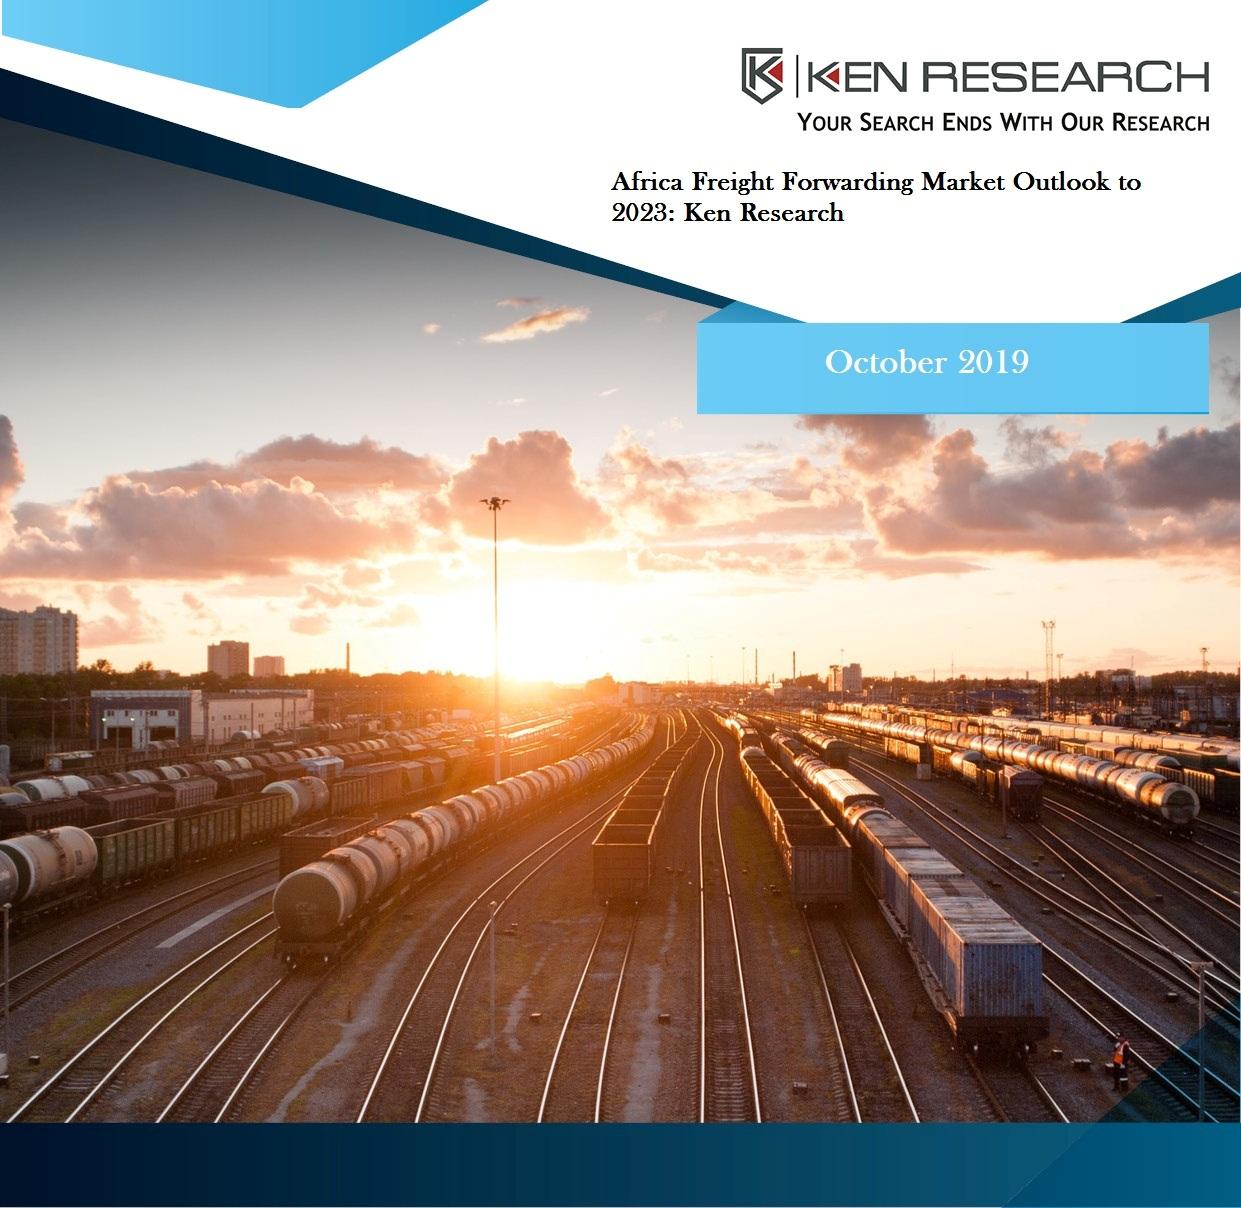 Africa-Freight-Forwarding-Market.jpg